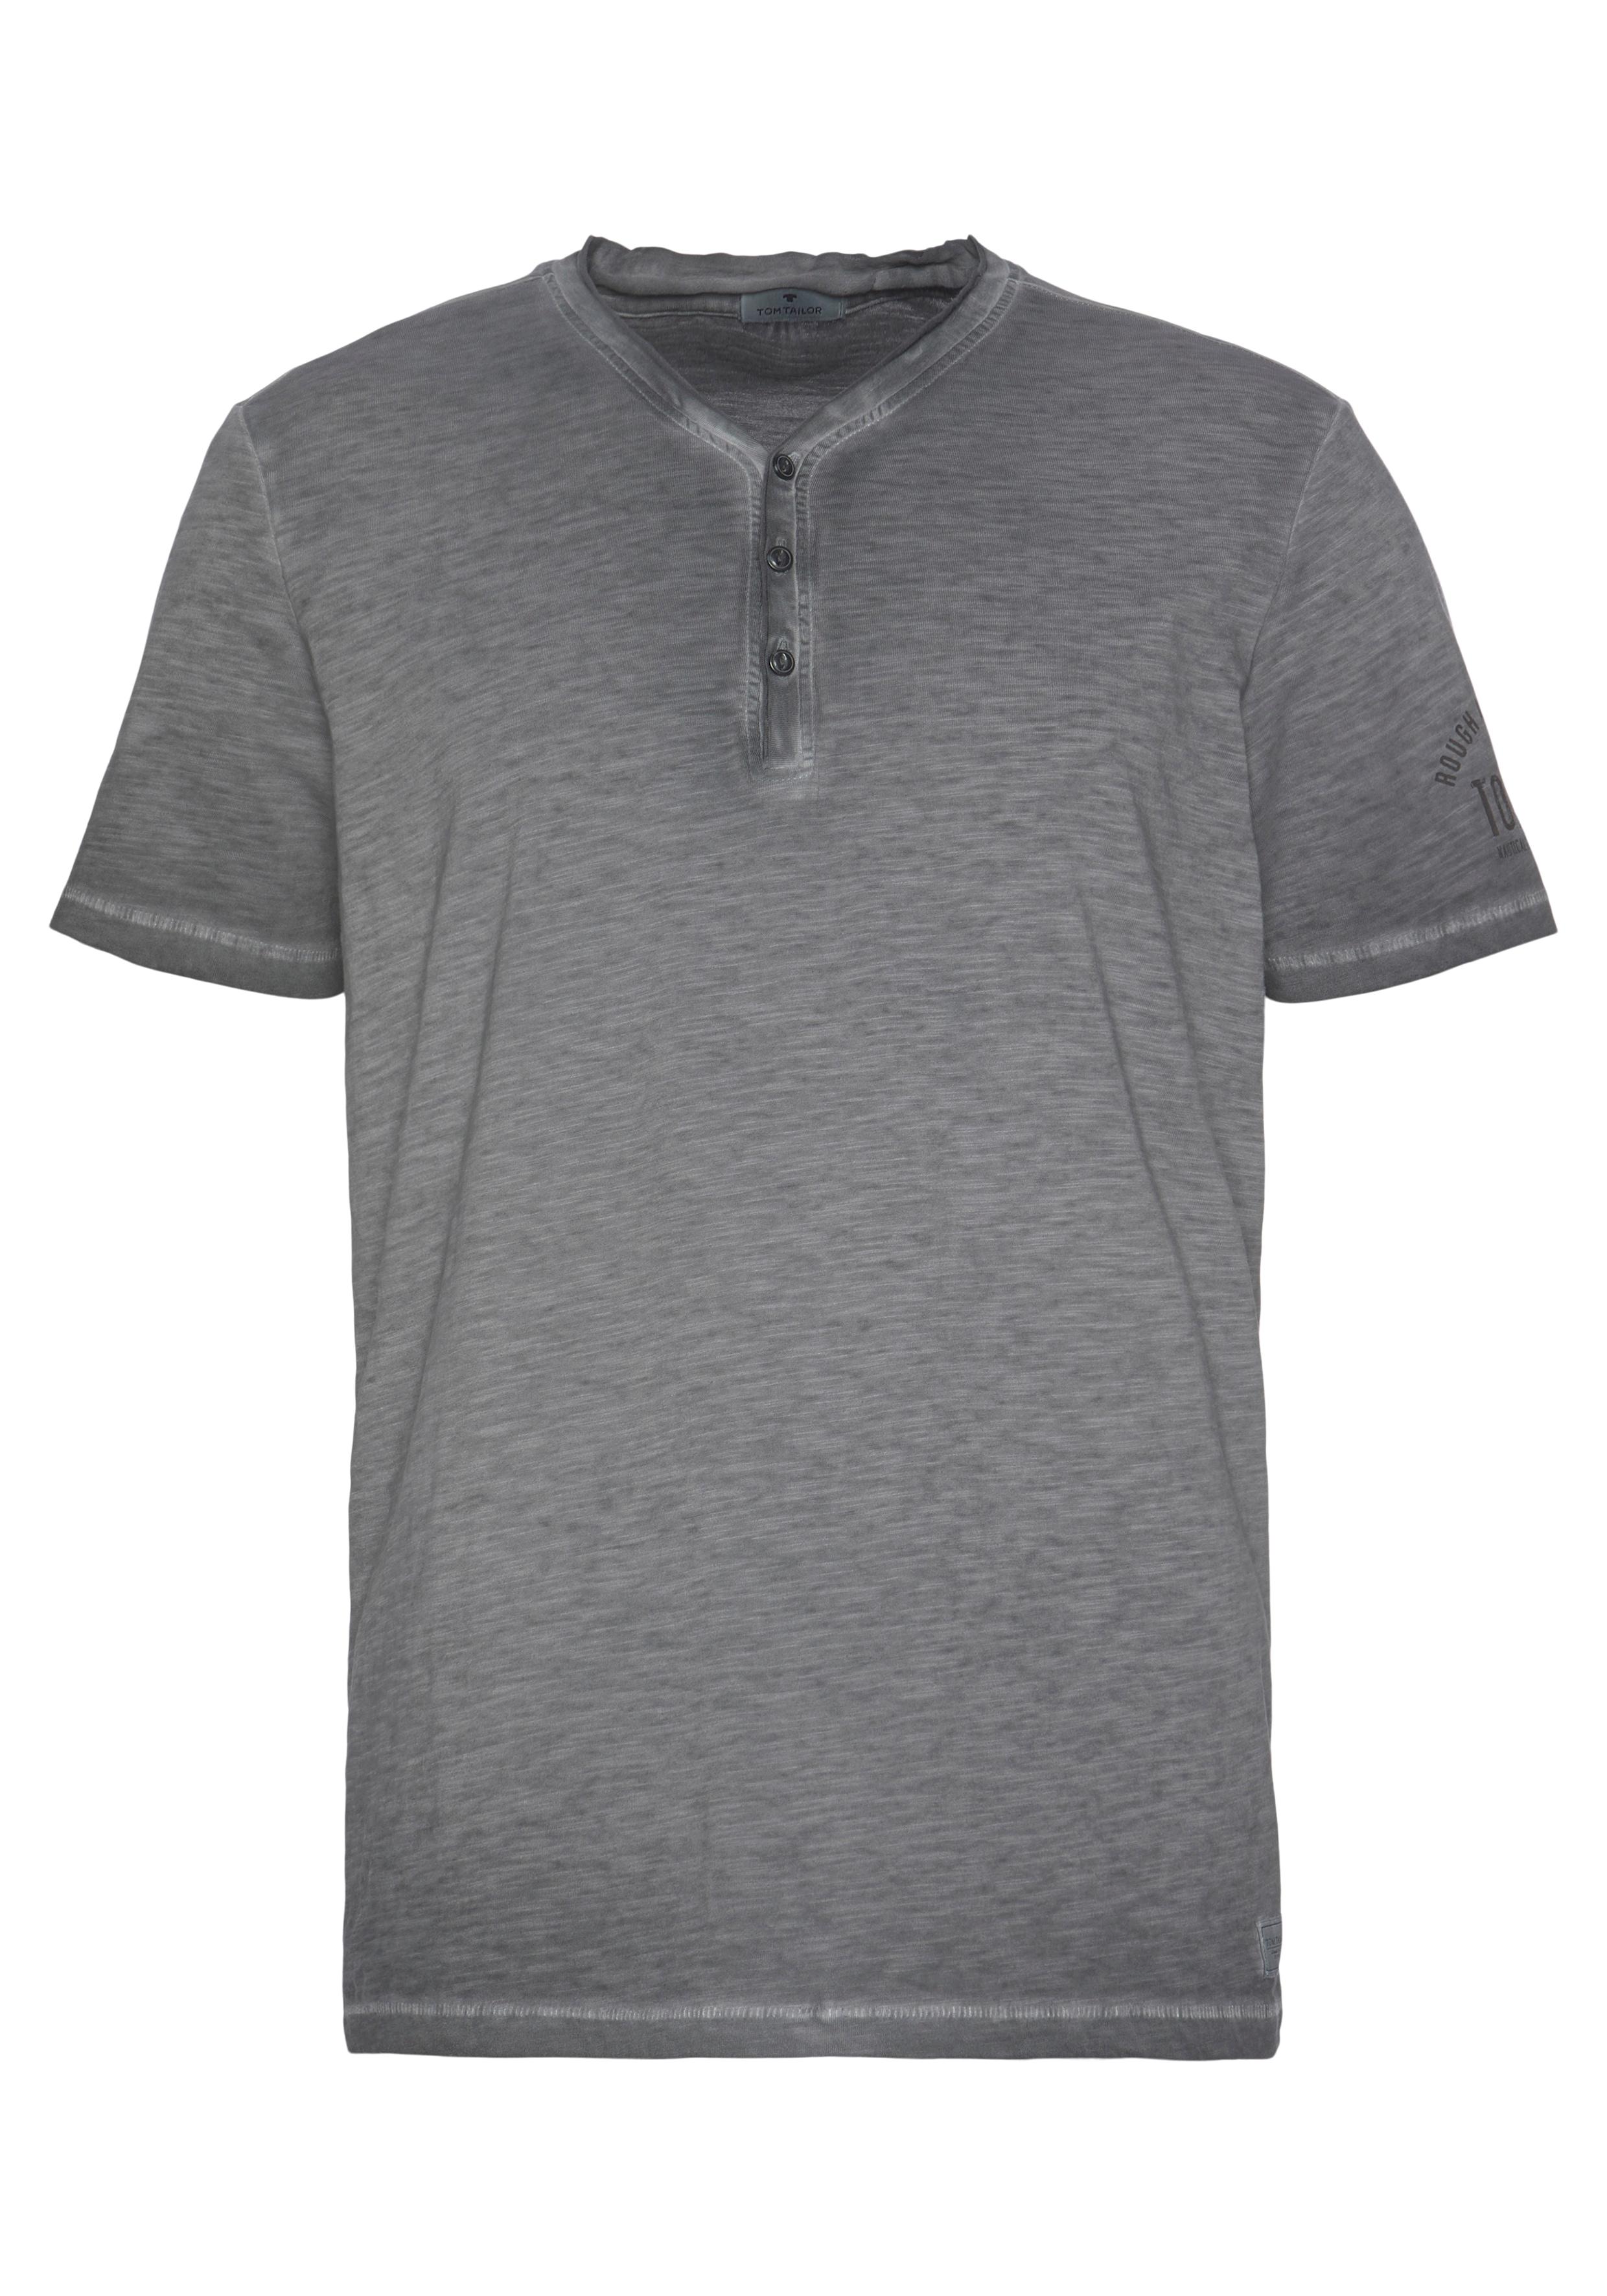 tom tailor -  T-Shirt, mit Knopfleiste